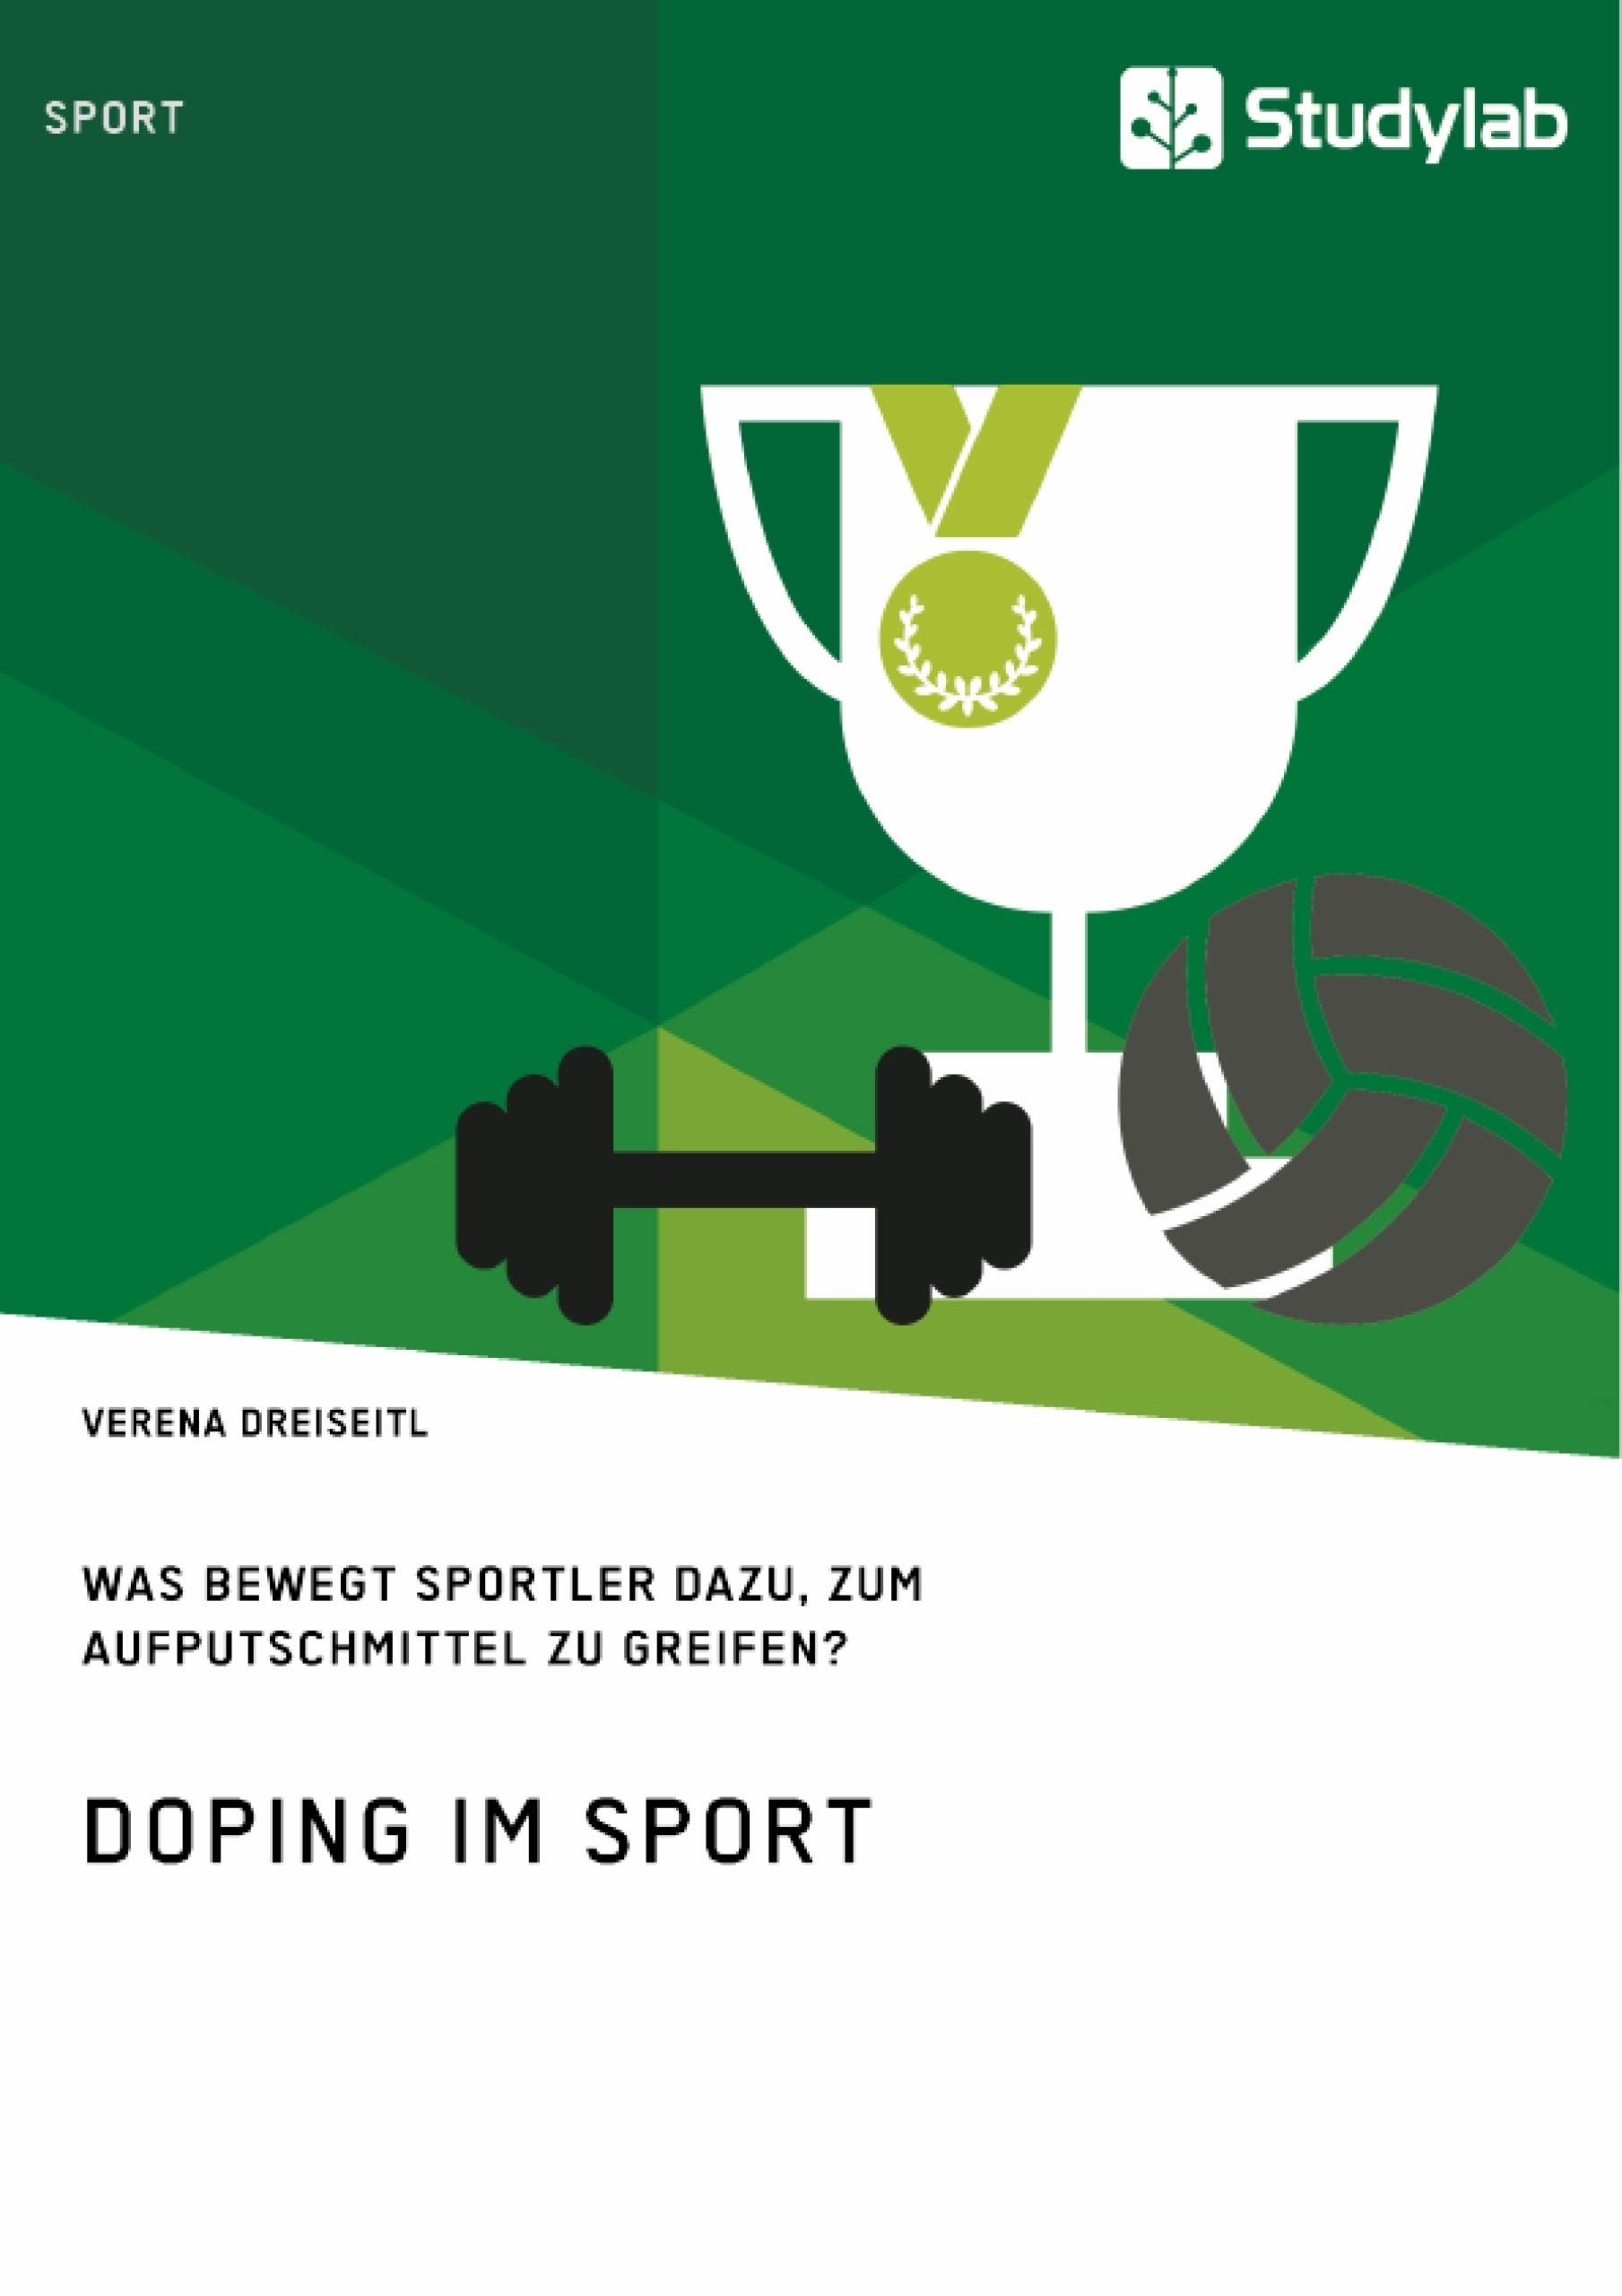 Titel: Doping im Sport. Was bewegt Sportler dazu, zum Aufputschmittel zu greifen?